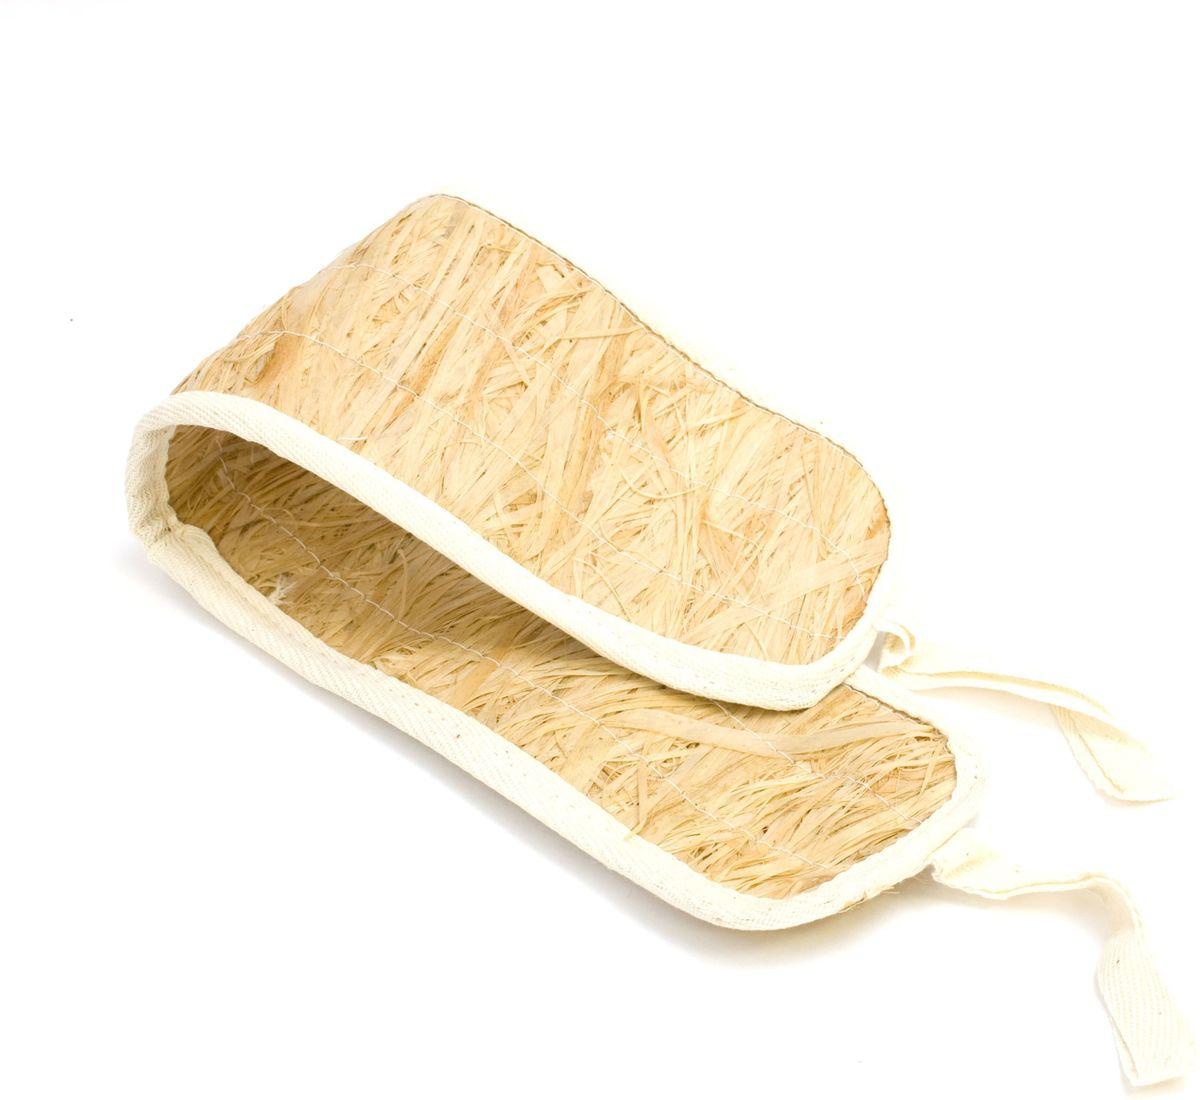 Мочалка Eva, лыковая, с ручками, цвет: светло-бежевый, 42 х 10 смМ20_светло-бежевыйПри изготовлении мочалки Eva используется натуральный природный материал - обработанный внутренний слой коры липы. При использовании мочалки волокна лыка выделяют фитонциды - лучшее средство для профилактики простудных заболеваний. Лыковая мочалка – стопроцентно природный и экологически чистый аксессуар для ухода за вашей кожей.